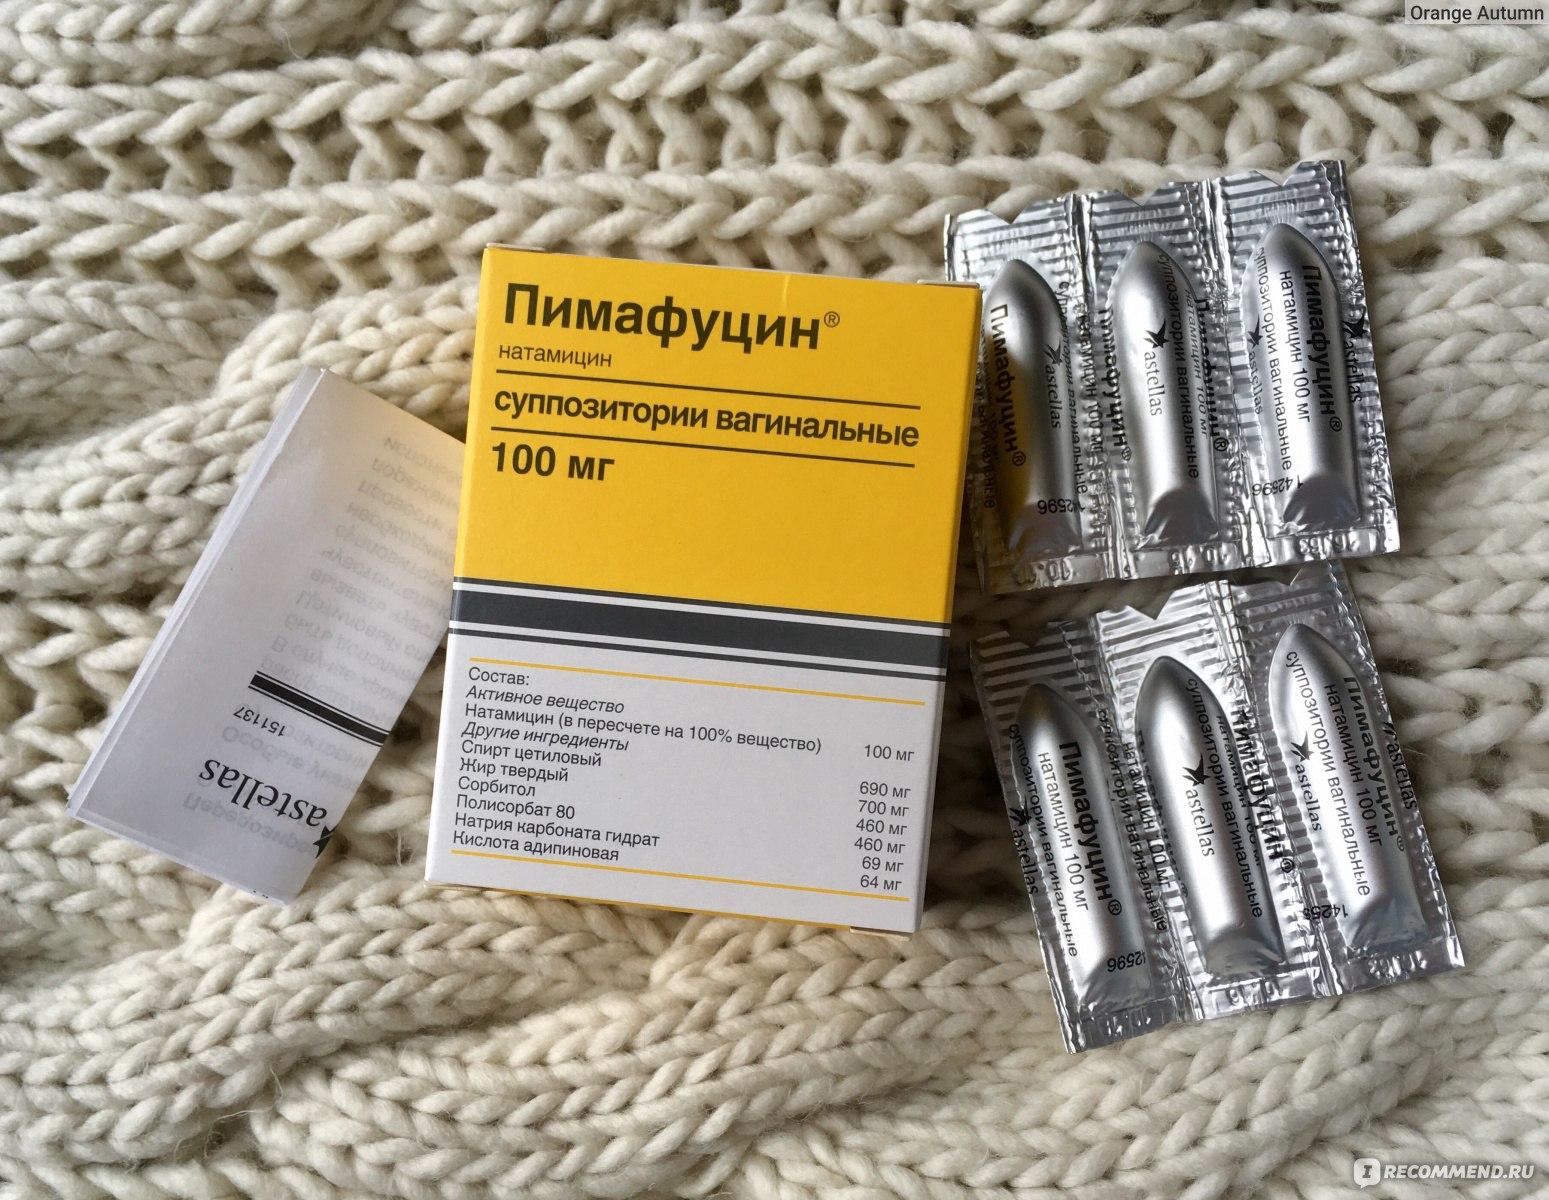 Отзывы о препарате Пимафуцин от молочницы